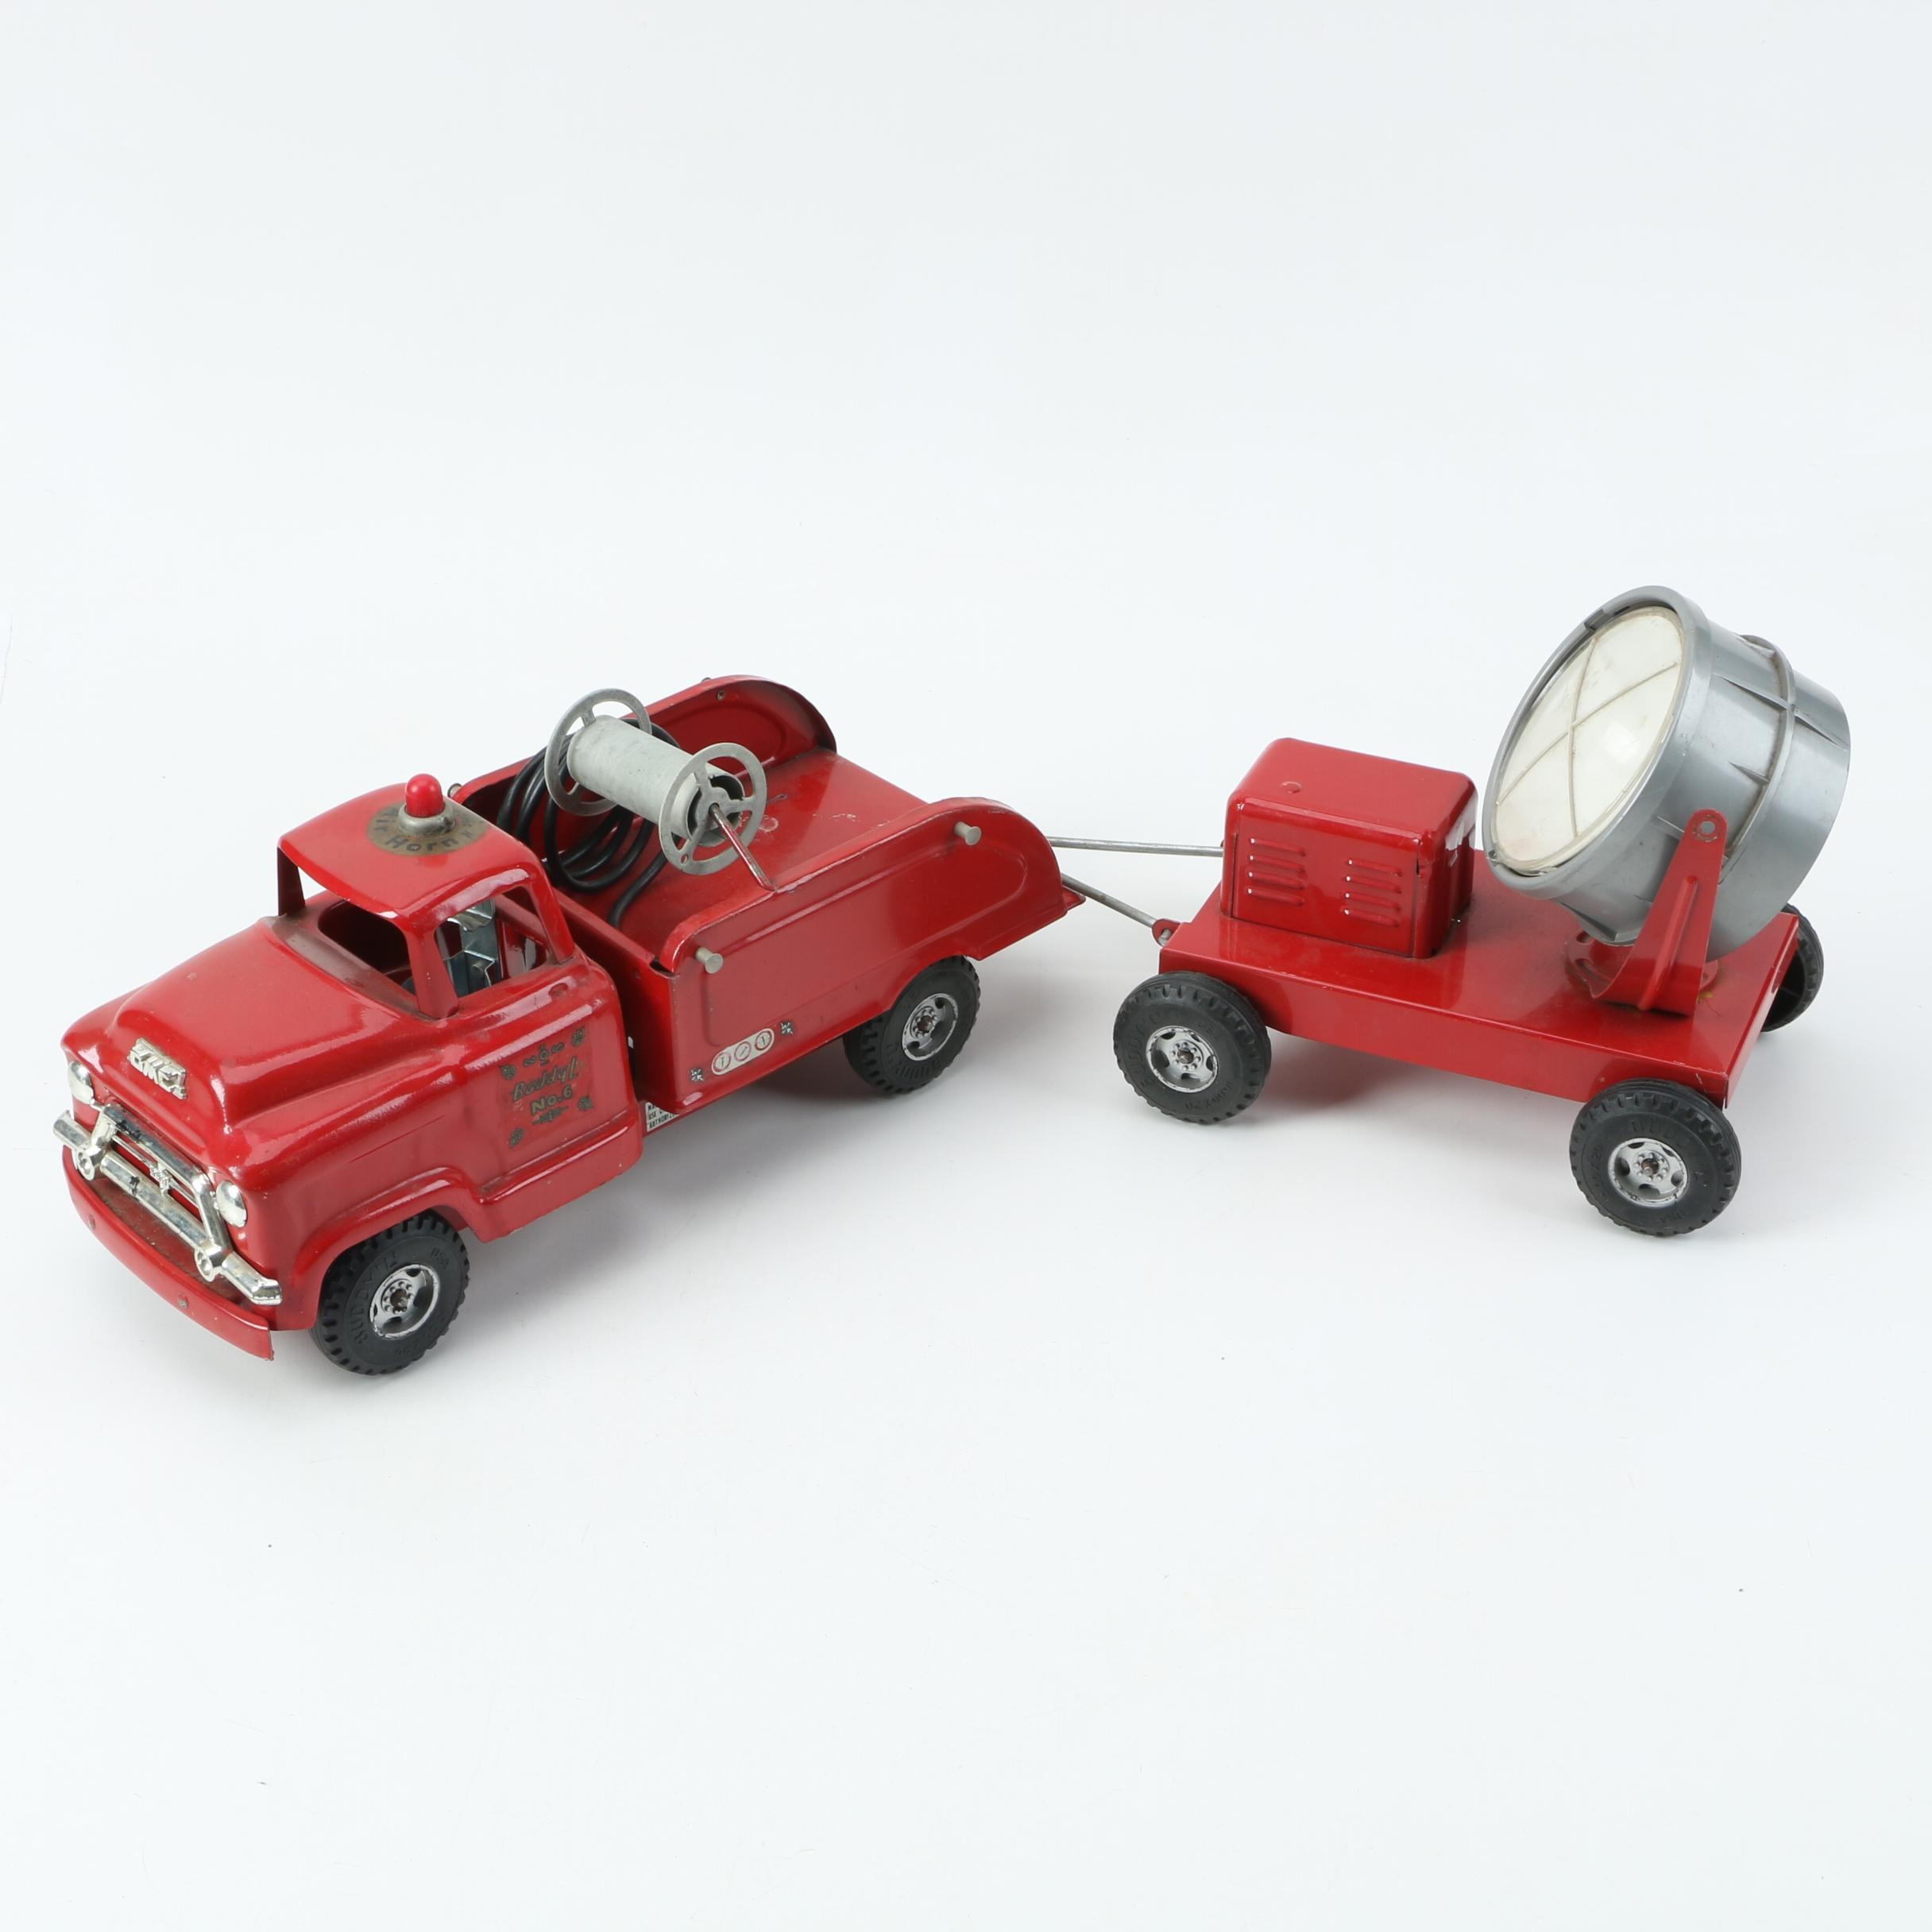 Buddy L Pressed Steel Firetruck and Spotlight